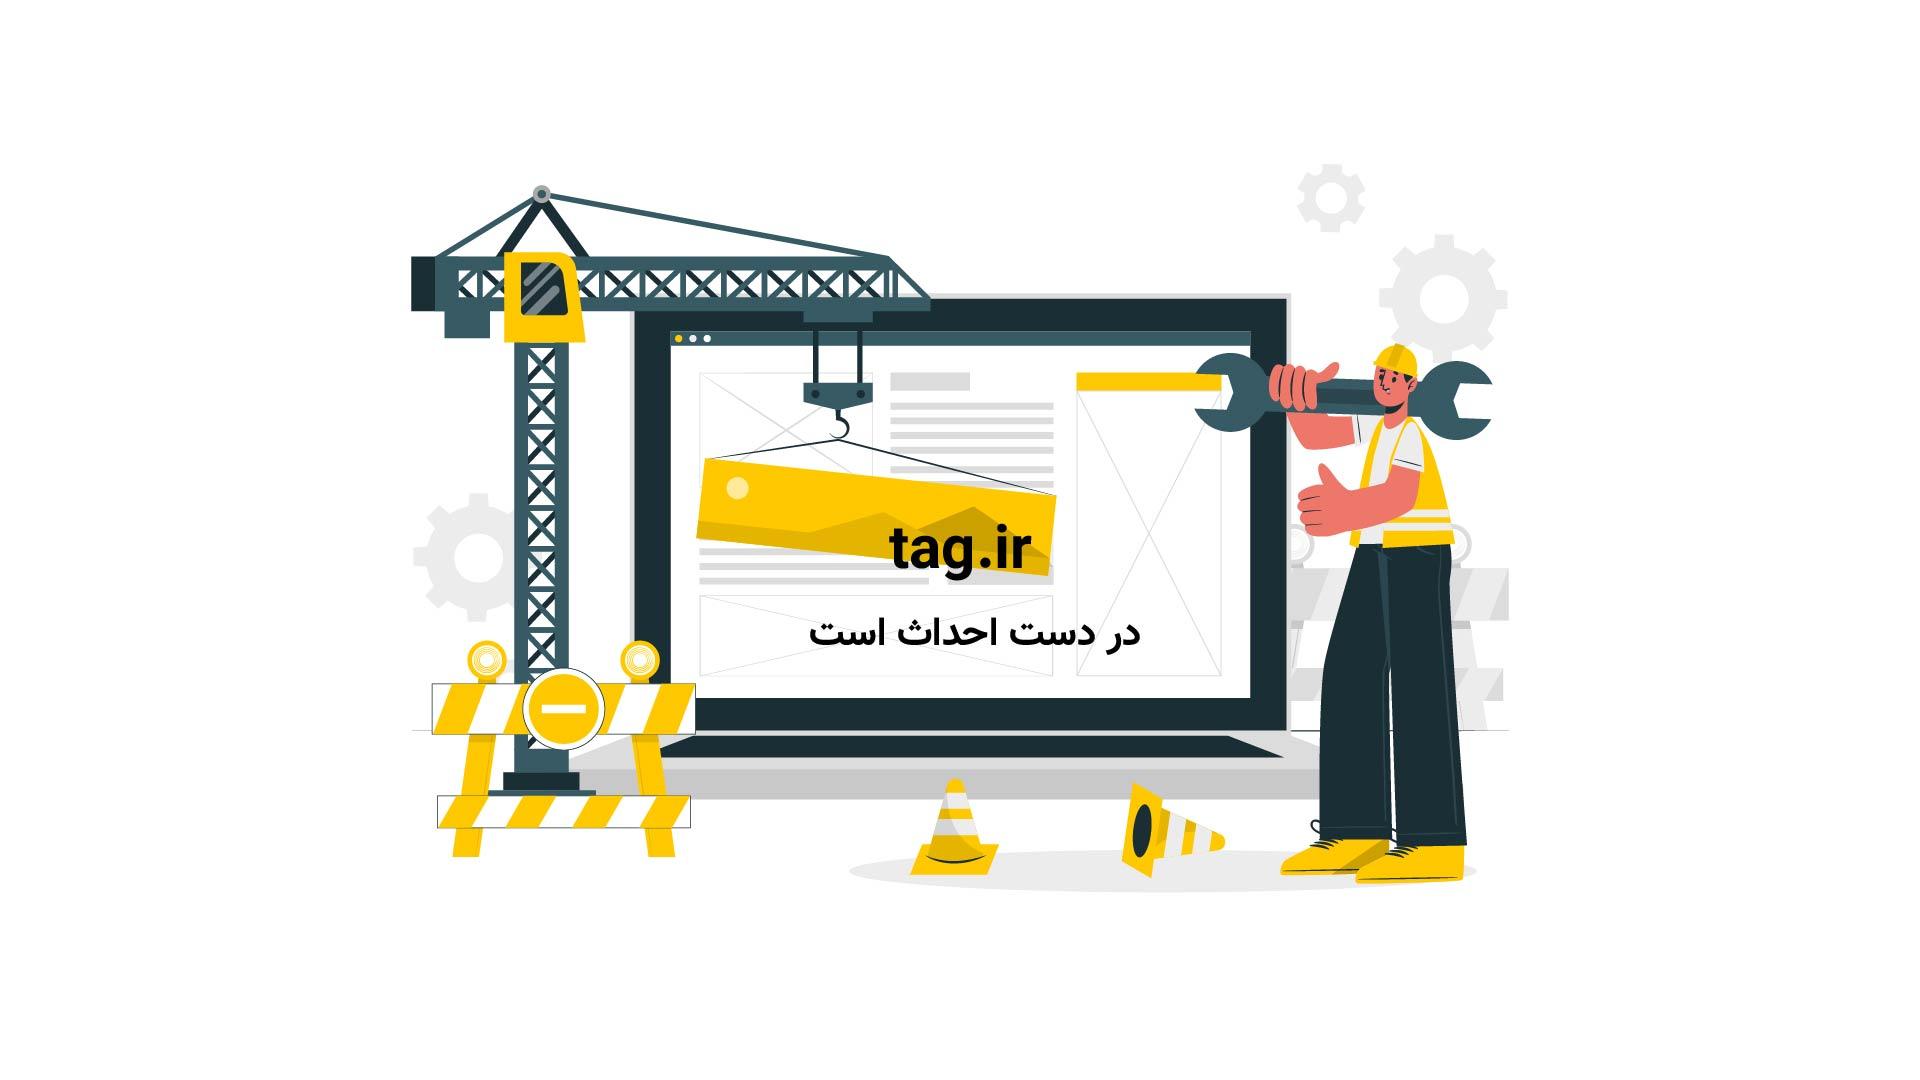 تهیه شکلات | تگ